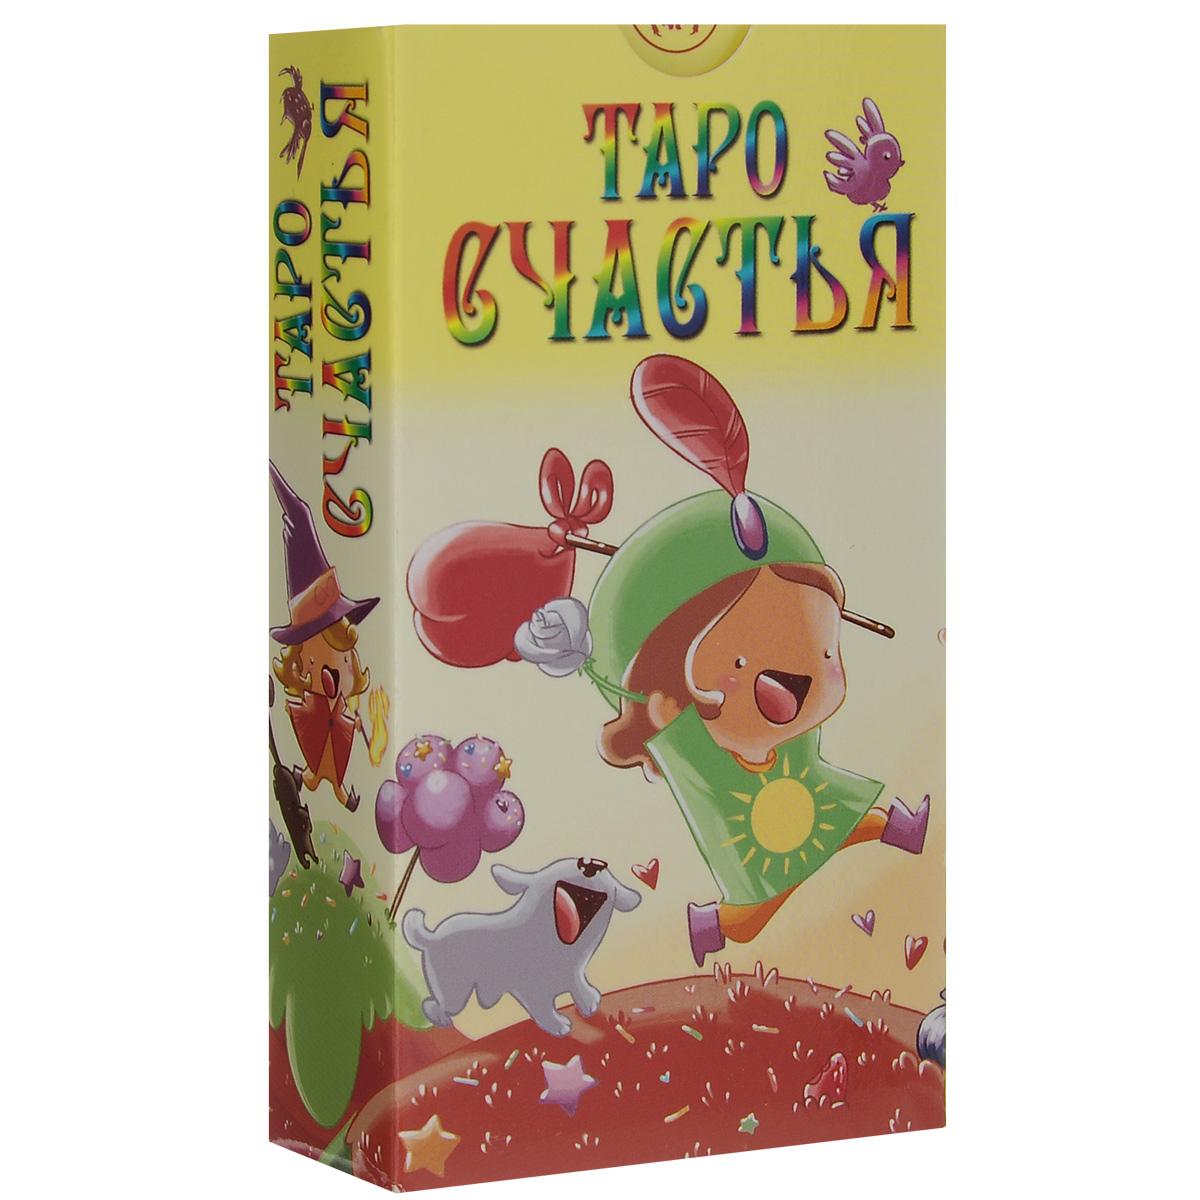 Карты Таро Аввалон-Ло скарабео Таро Счастья, инструкция на русском языке. AV217AV 217Веселая, яркая и красочная колода, выполнена в ярких цветовых гаммах. Это Таро создано преимущественно для детей и подростков, которые хотят ступить на путь познания сакральных истин, но также колода может стать пополнением коллекции любого человека и таролога. Голубое небо, желтое солнце, зеленая трава, красные яблоки - все это передает нам истинное счастье и радость от жизни эта замечательная колода. Счастье способно изменить и Вашу жизнь.